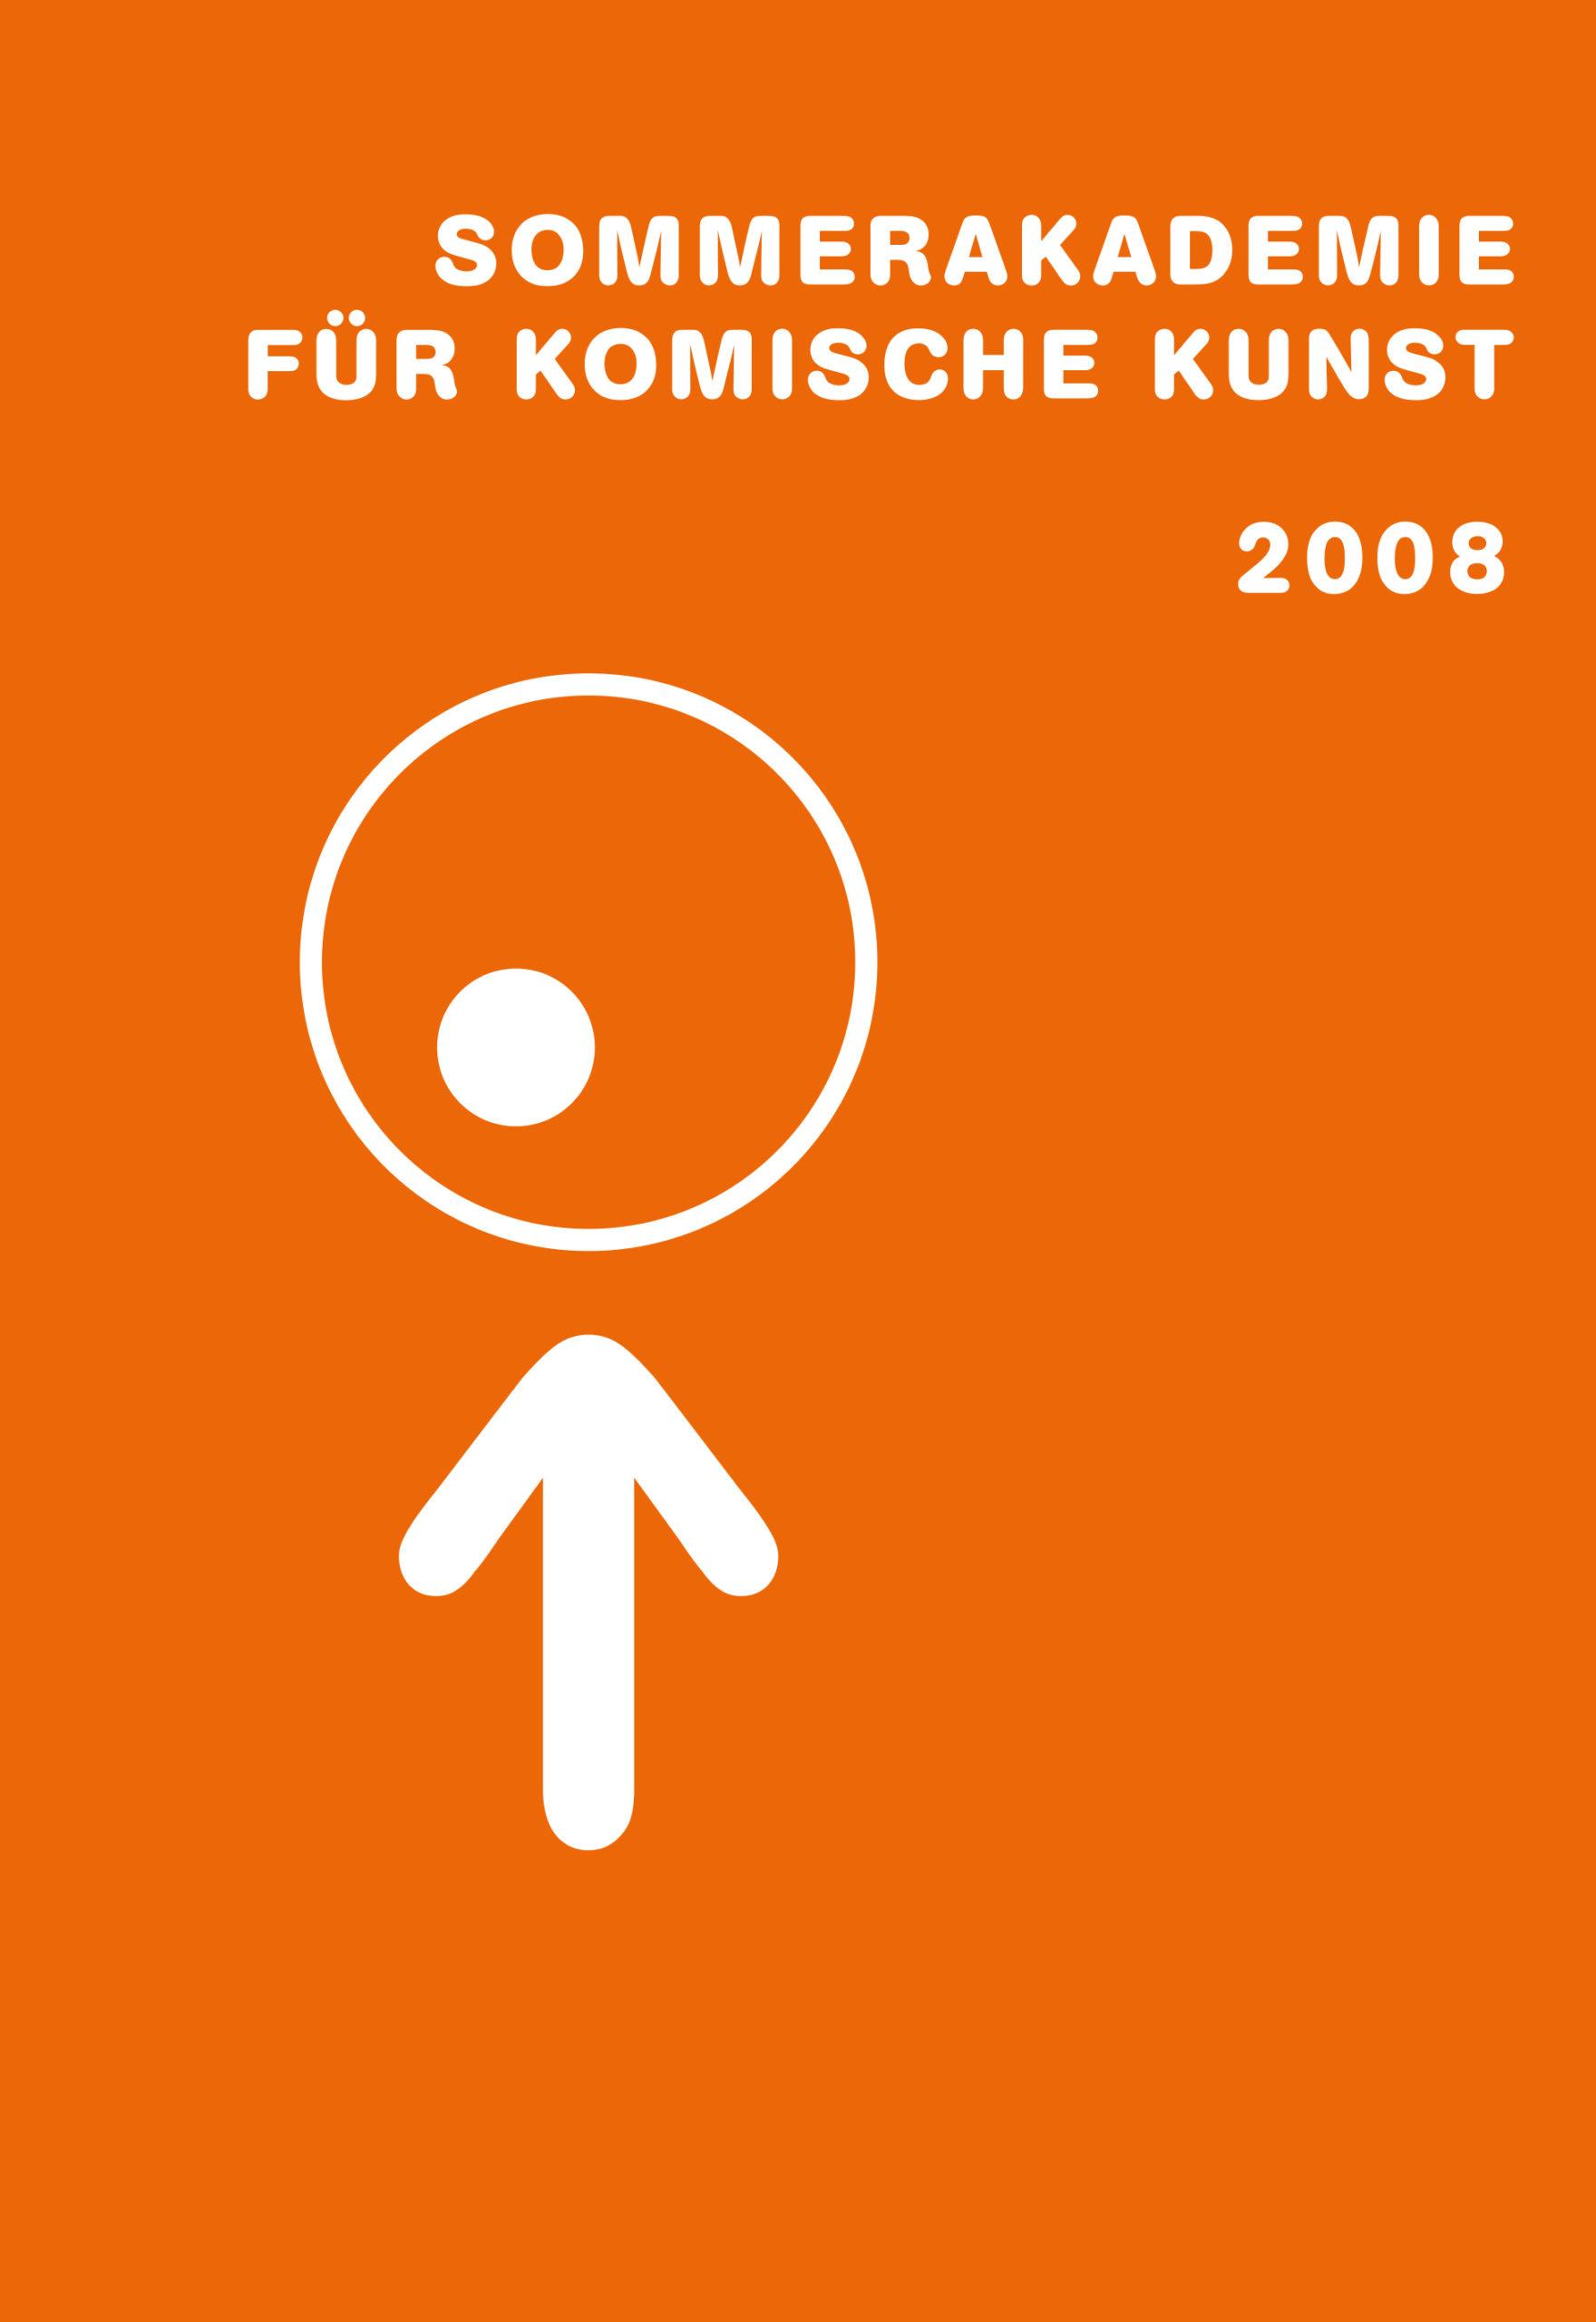 Katalog zur Sommerakademie für Komische Kunst 2008